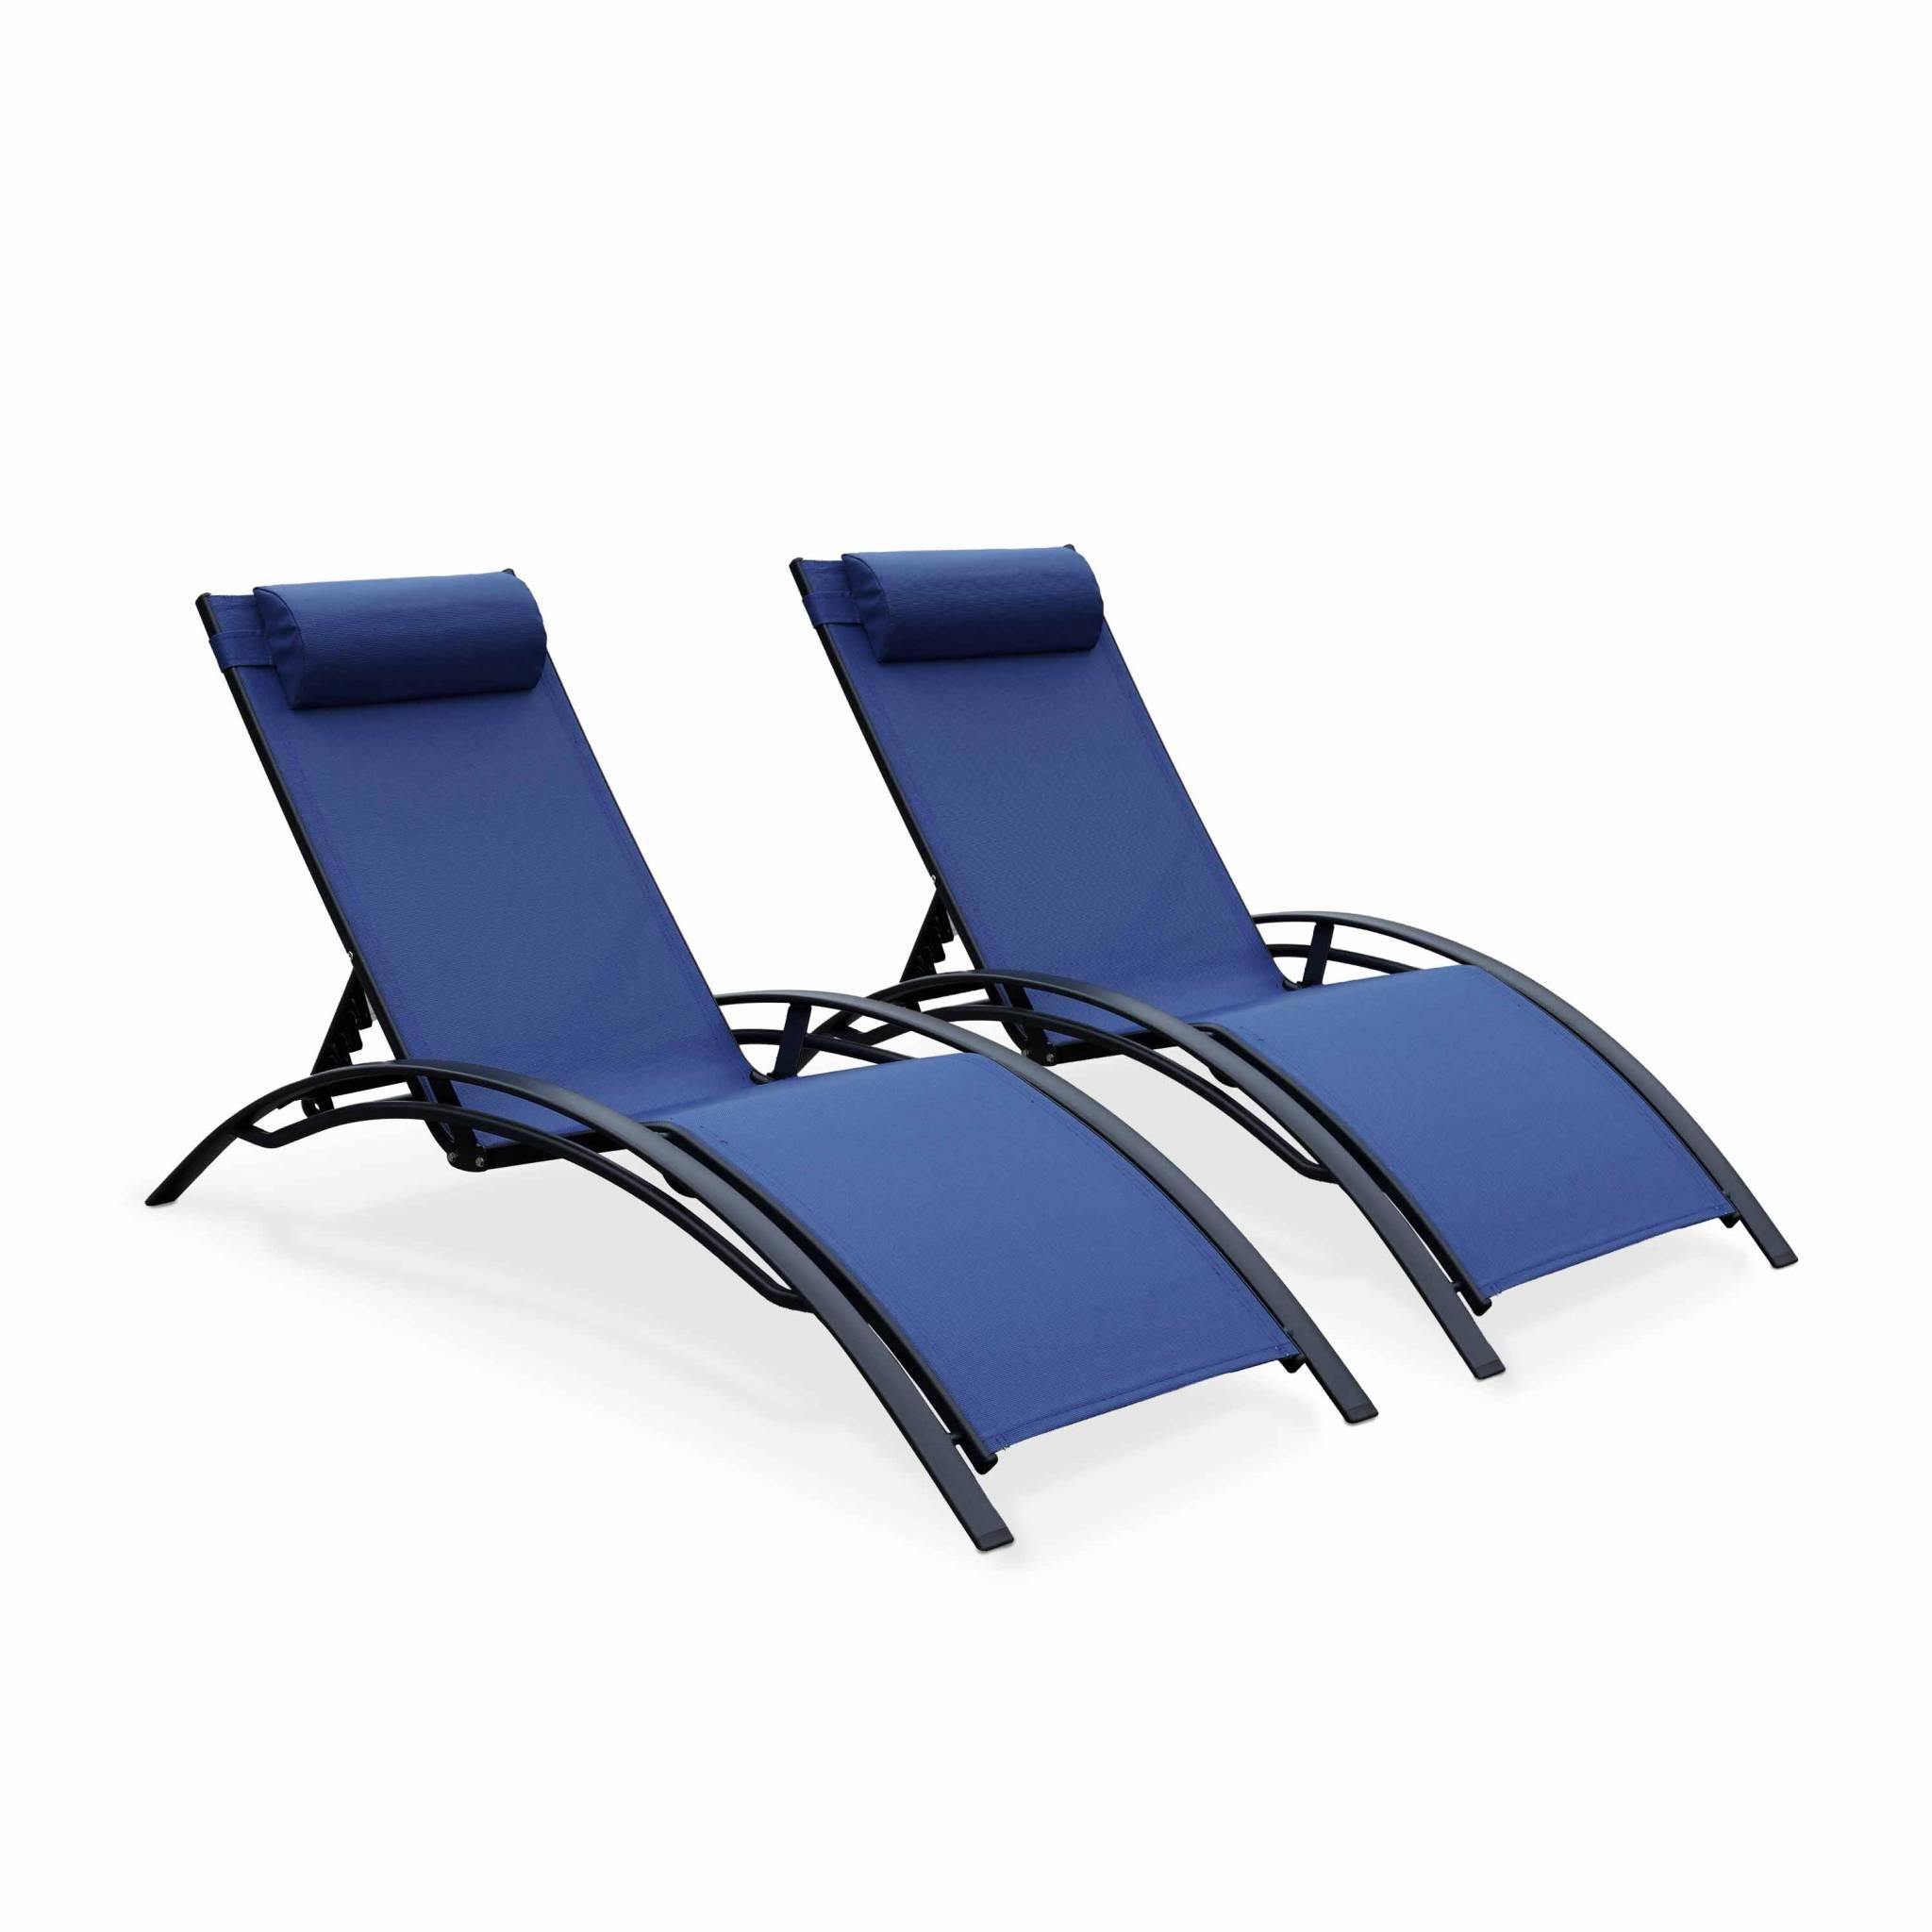 Lot de 2 de bains de soleil en aluminium et textilène bleu nuit